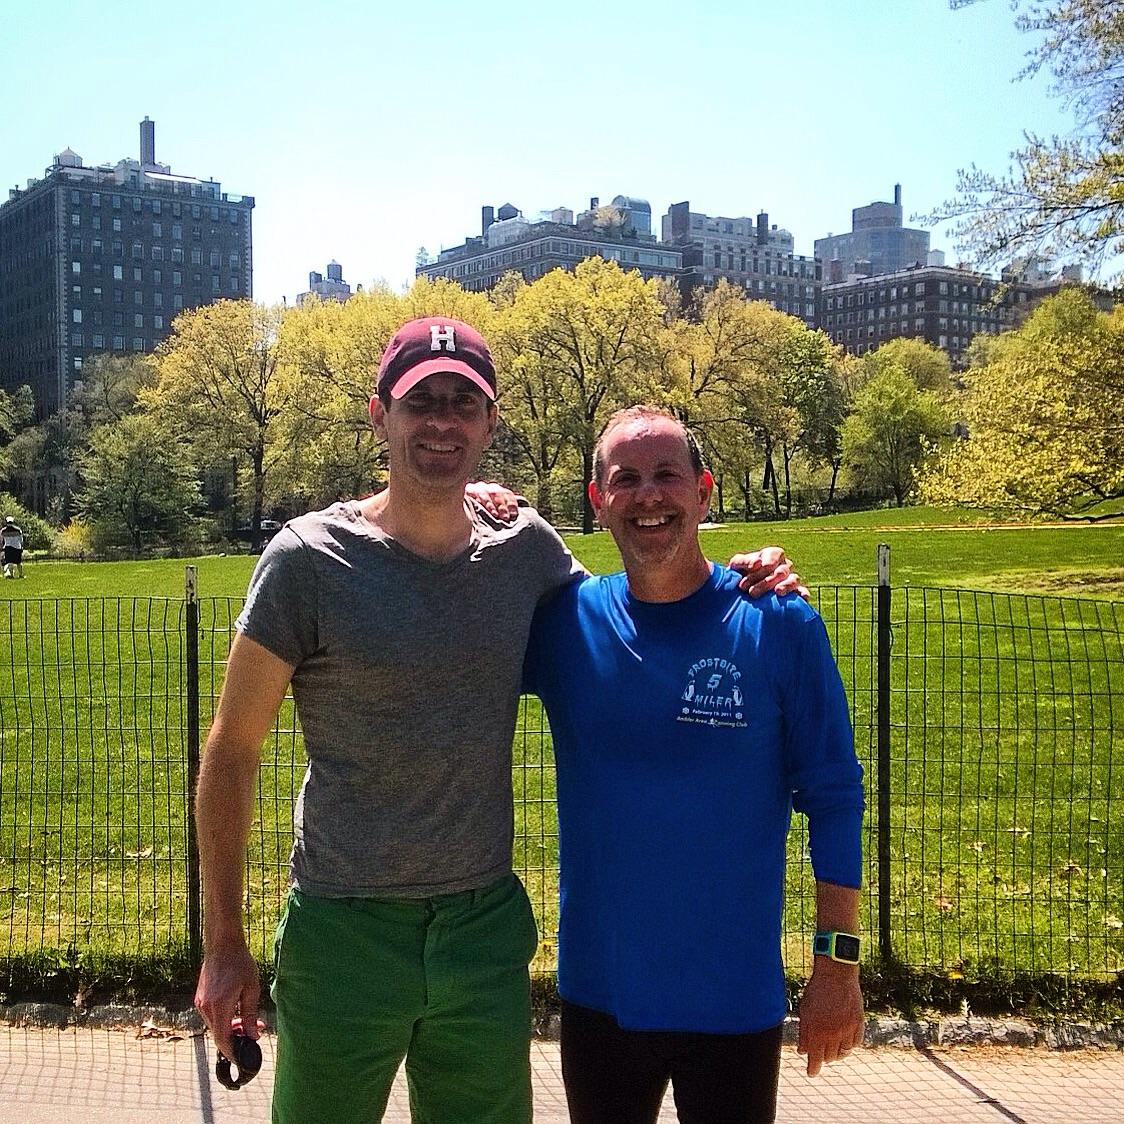 Last workout before his first Half Marathon